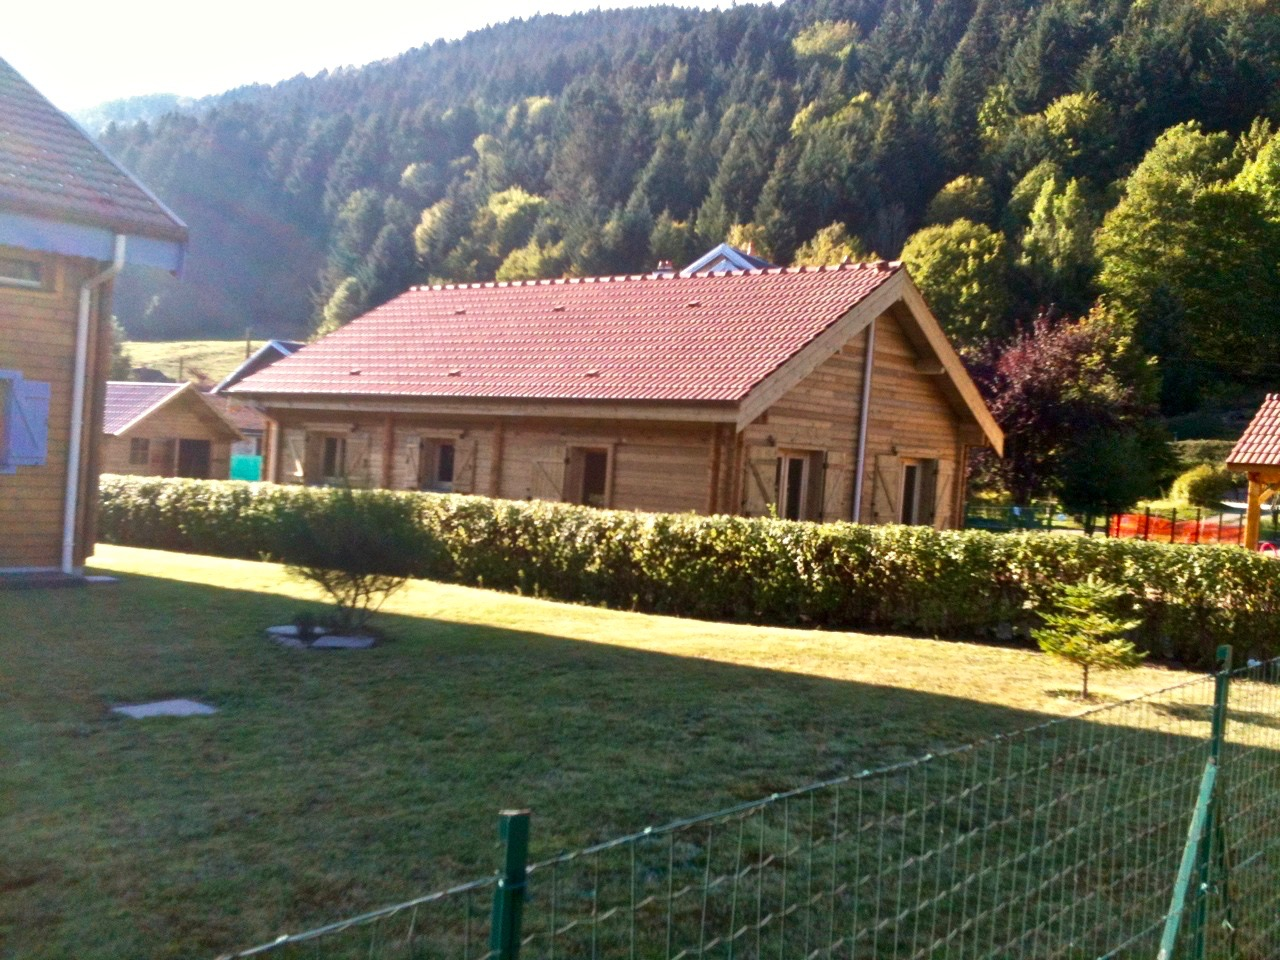 maison en madrier montagnarde traditionnelle 3